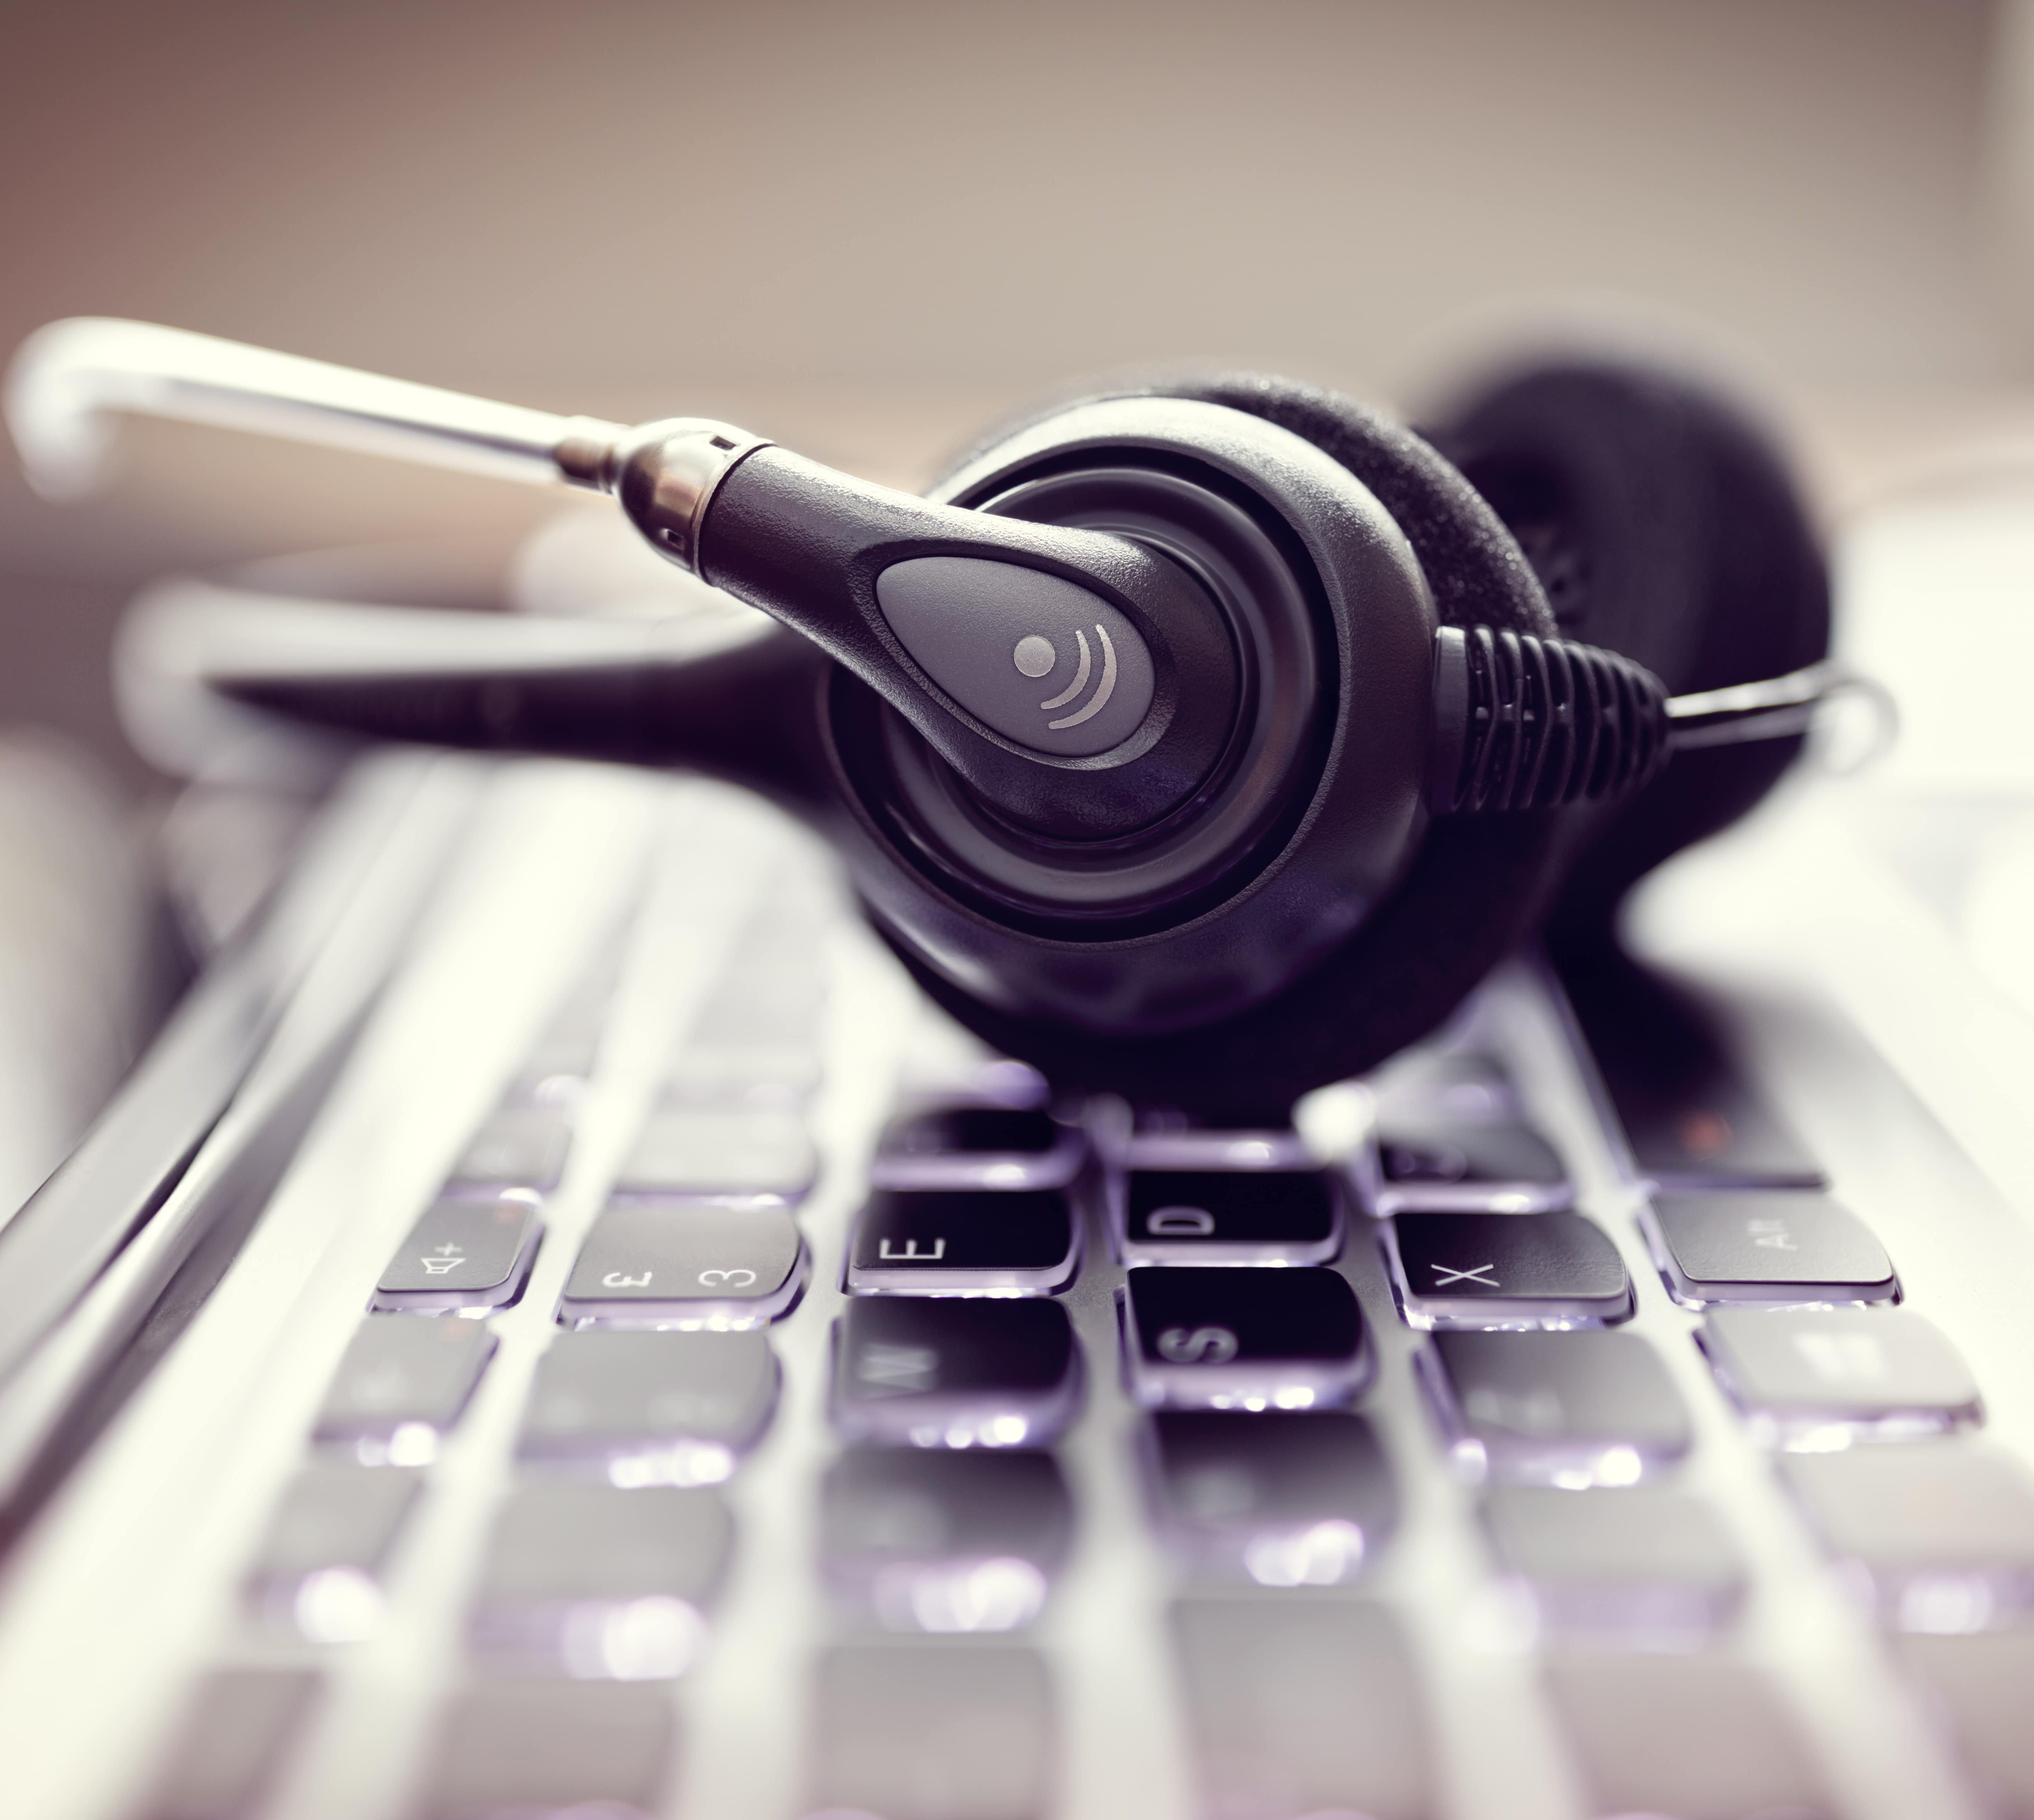 Helpdesk headset on keyboard